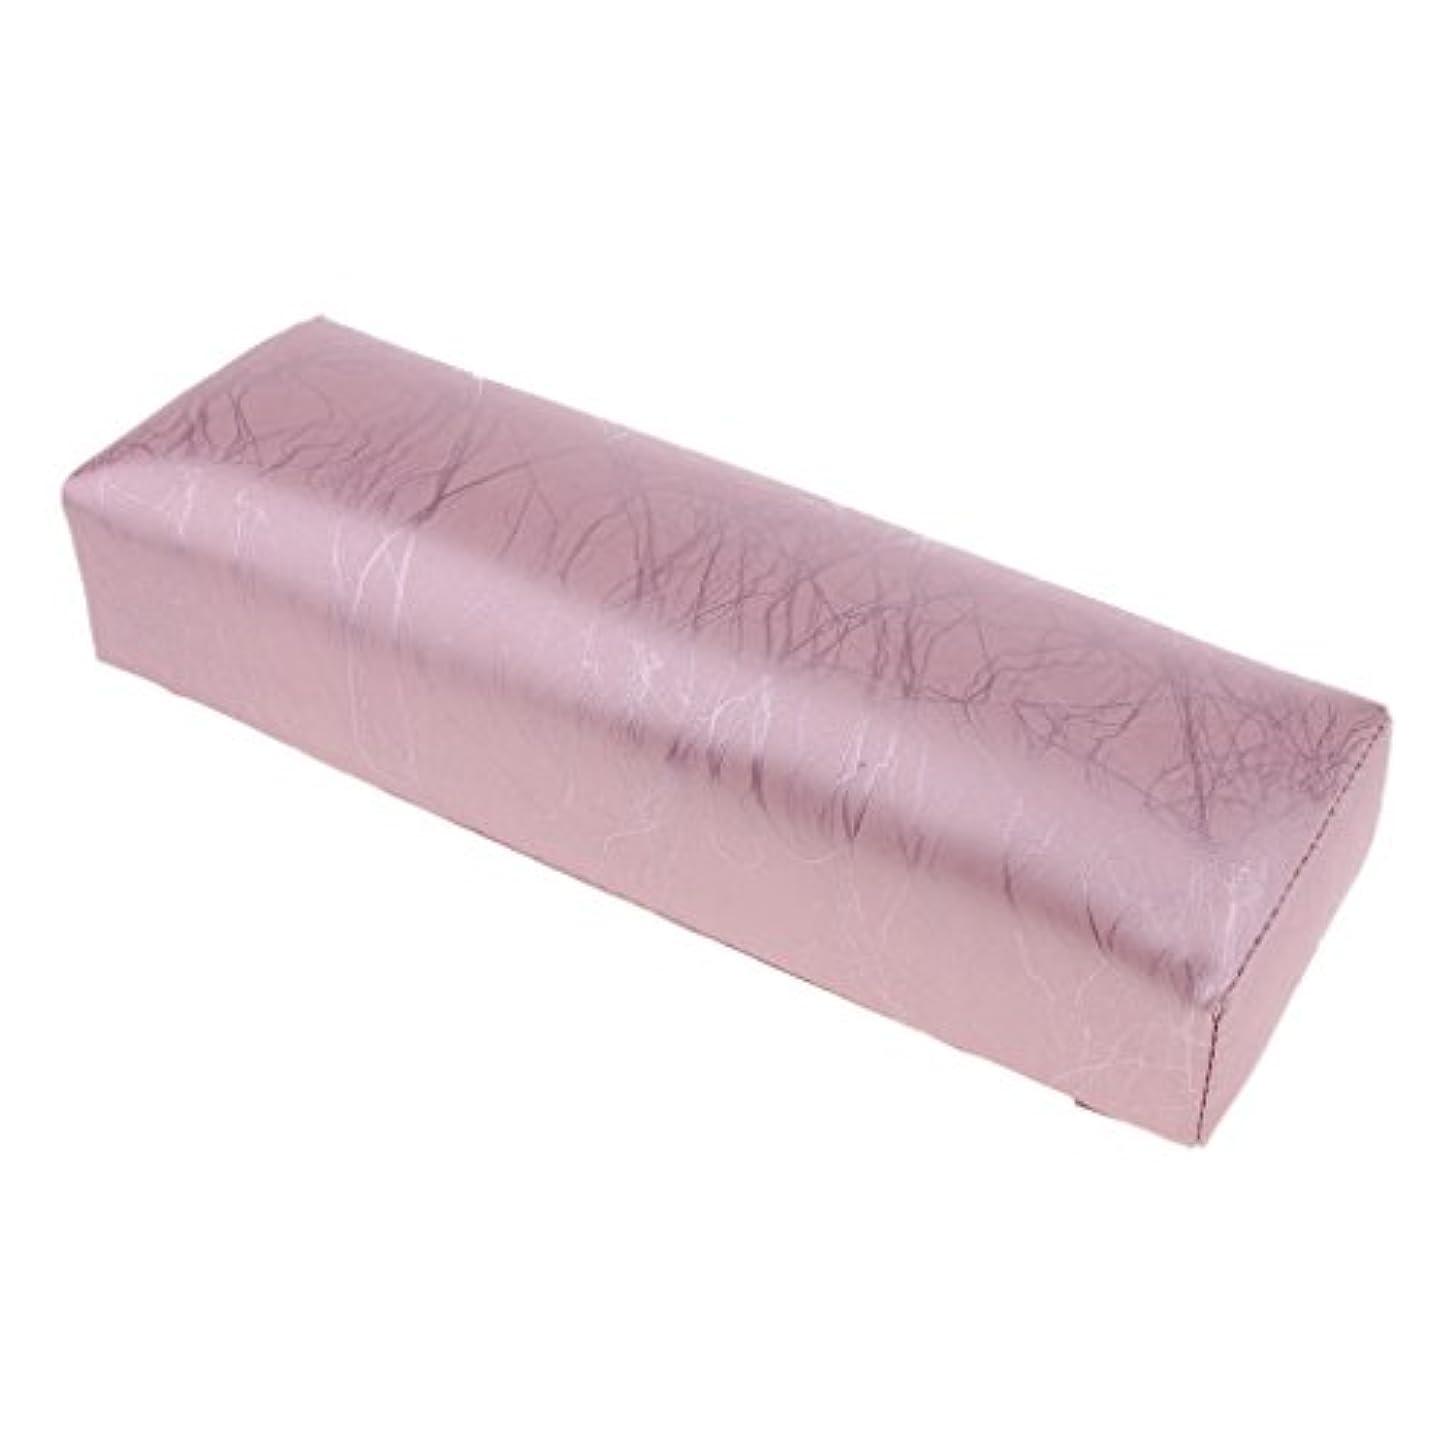 認知数満了ハンドピロー ネイルアートピロー アームレストクッション ネイルアート デザイン ハンドレスト 全4色 - ピンク